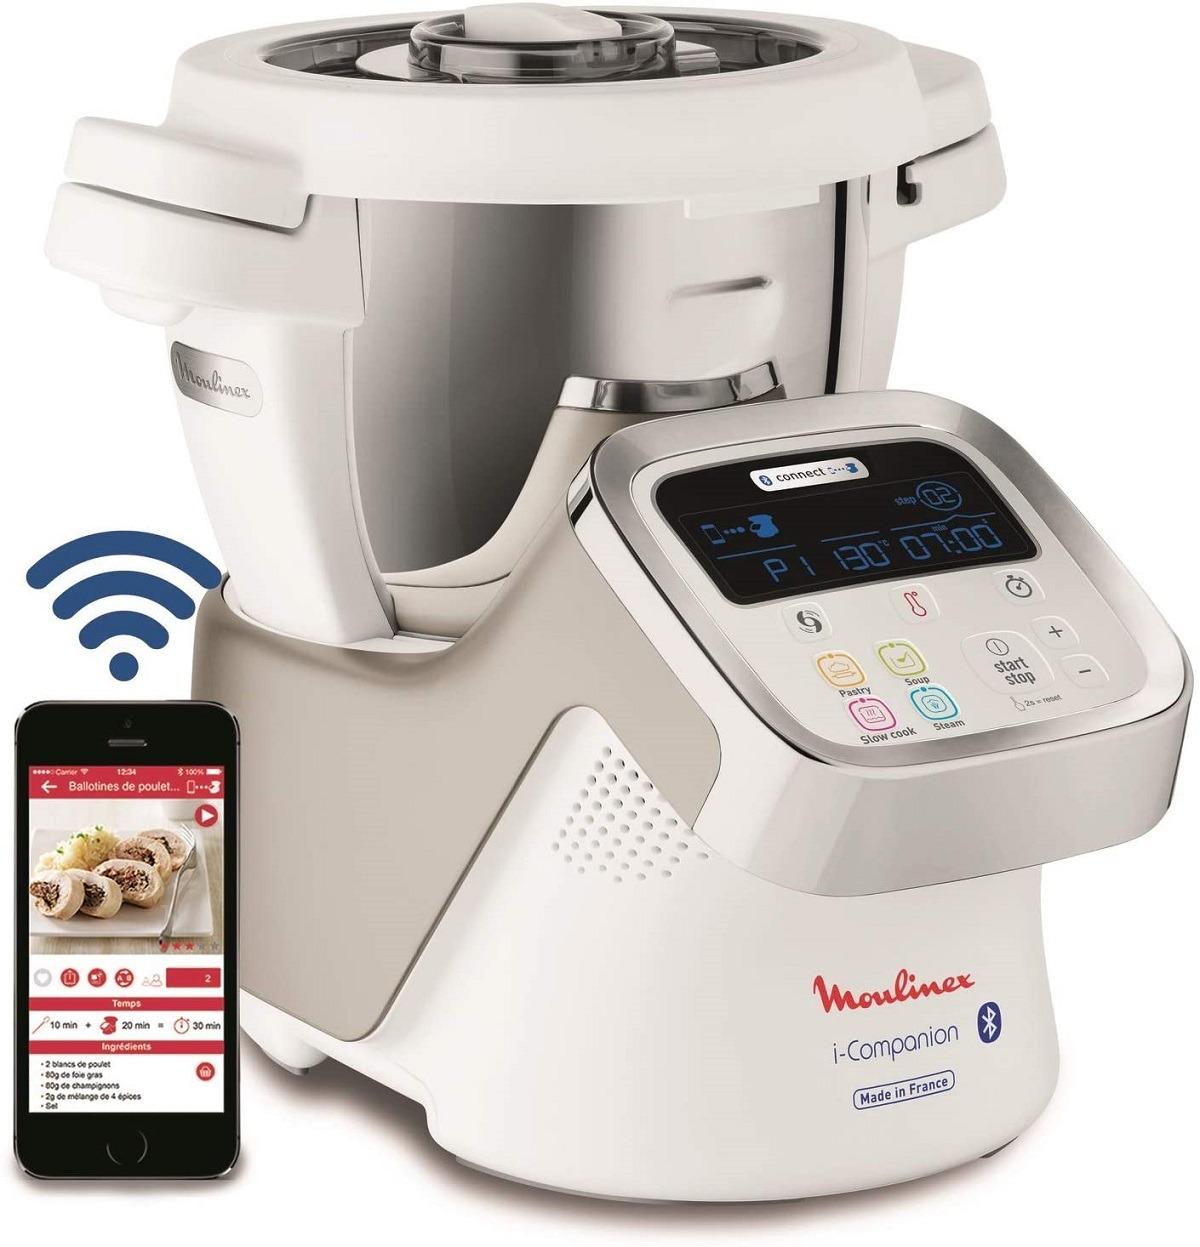 Robot da Cucina Moulinex HF900110 i-Companion - La Guida con Consigli, Prezzi e Recensioni